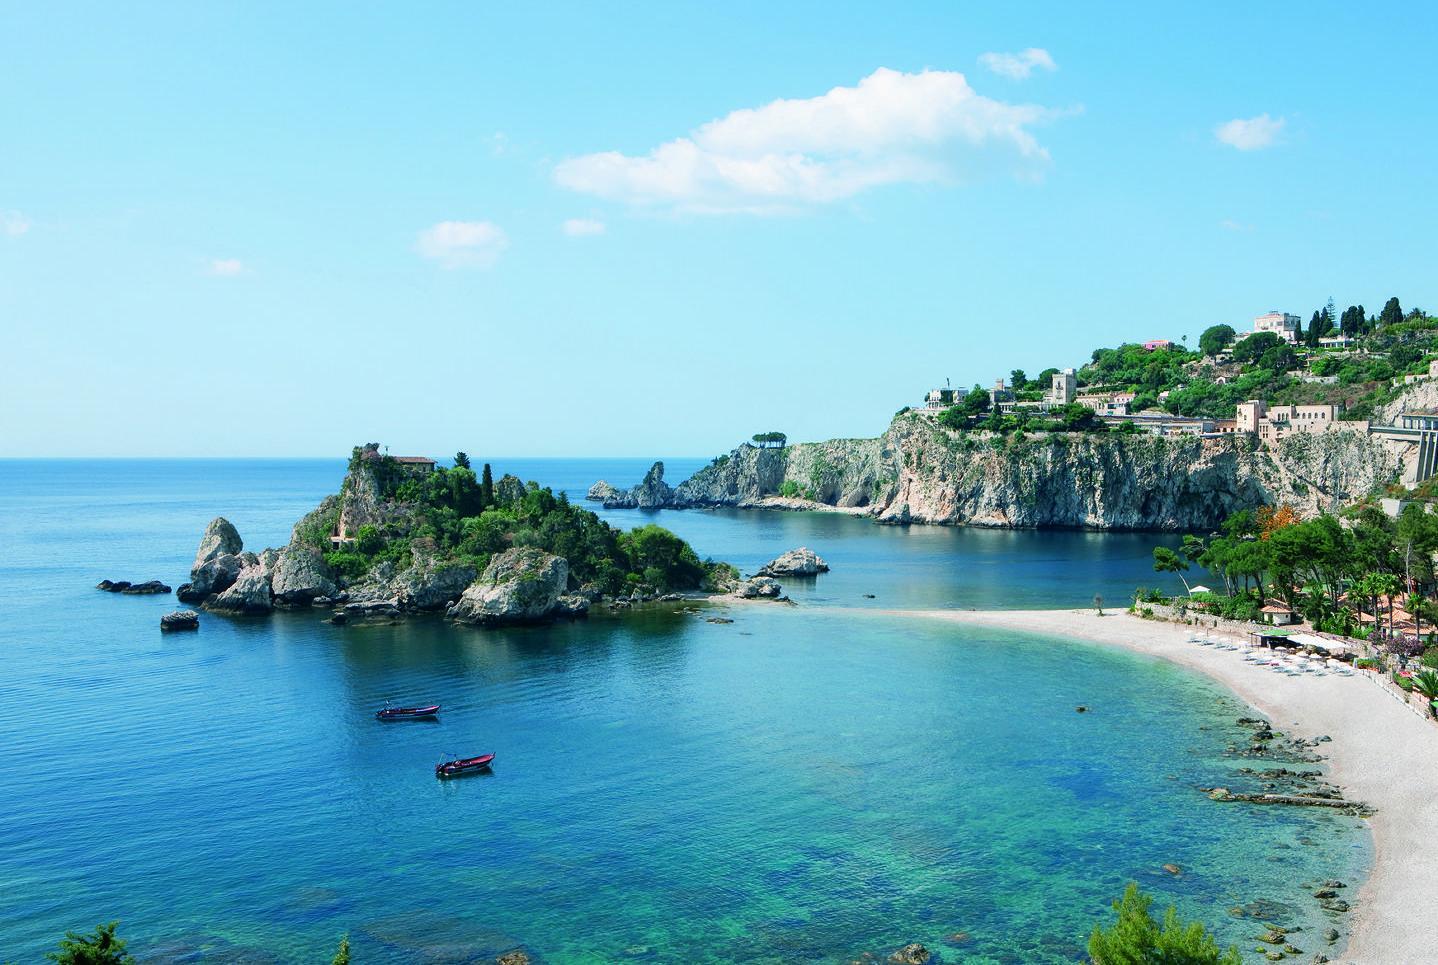 I segreti e i tesori dell 39 isola bella per promettersi amore eterno - La finestra sul mare taormina ...